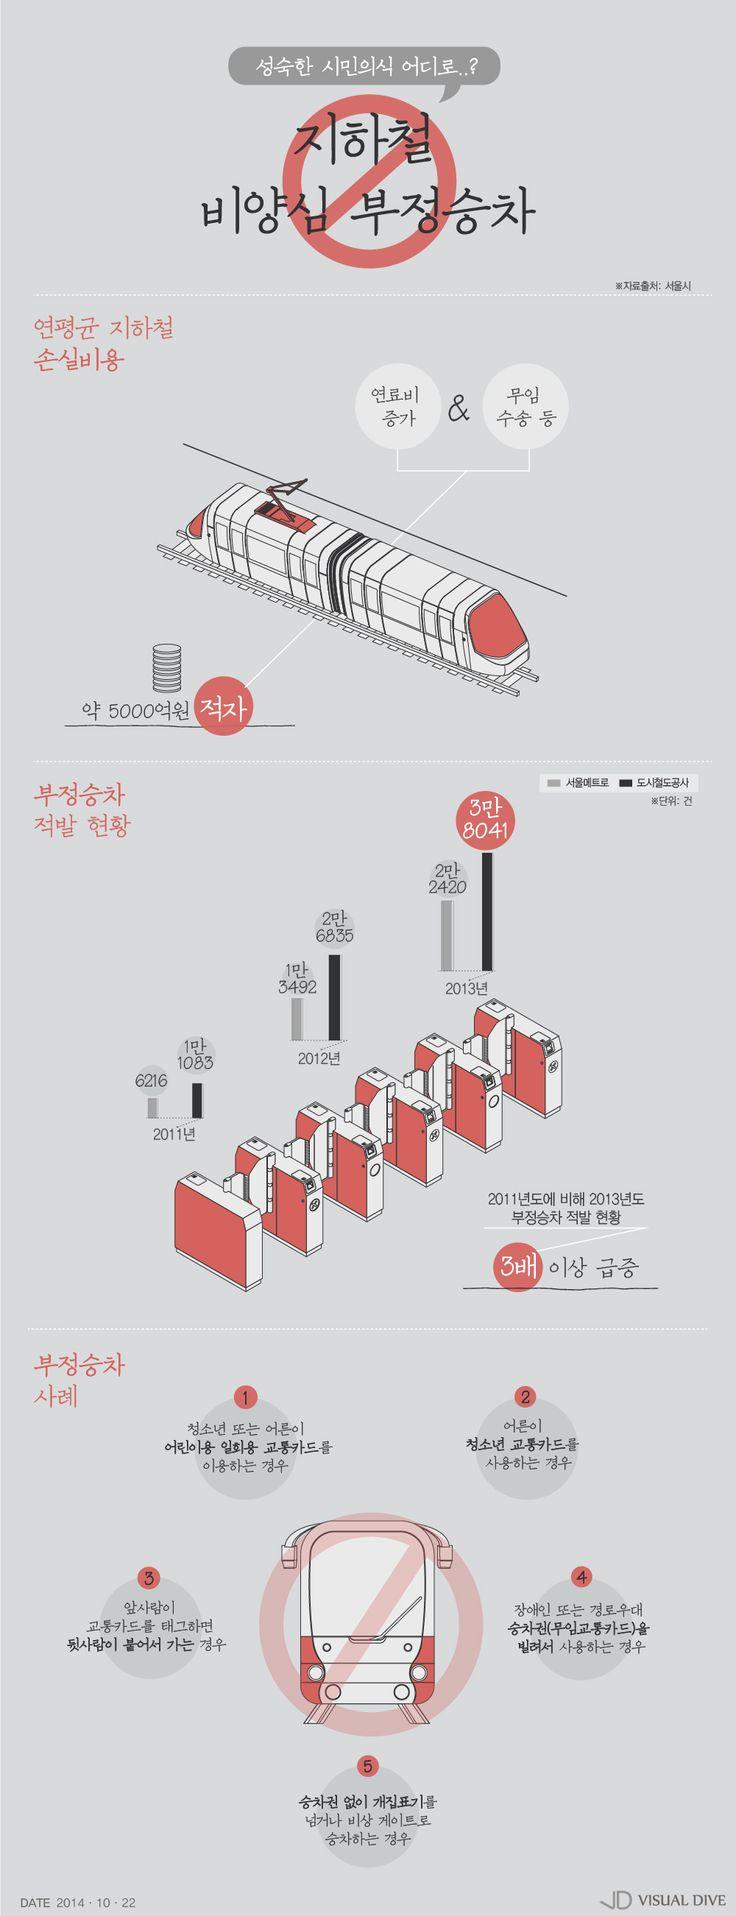 지하철 부정승차, 1년 새 3배 급증 [인포그래픽] #UnfairBoarding / #Infographic ⓒ 비주얼다이브 무단 복사·전재·재배포 금지